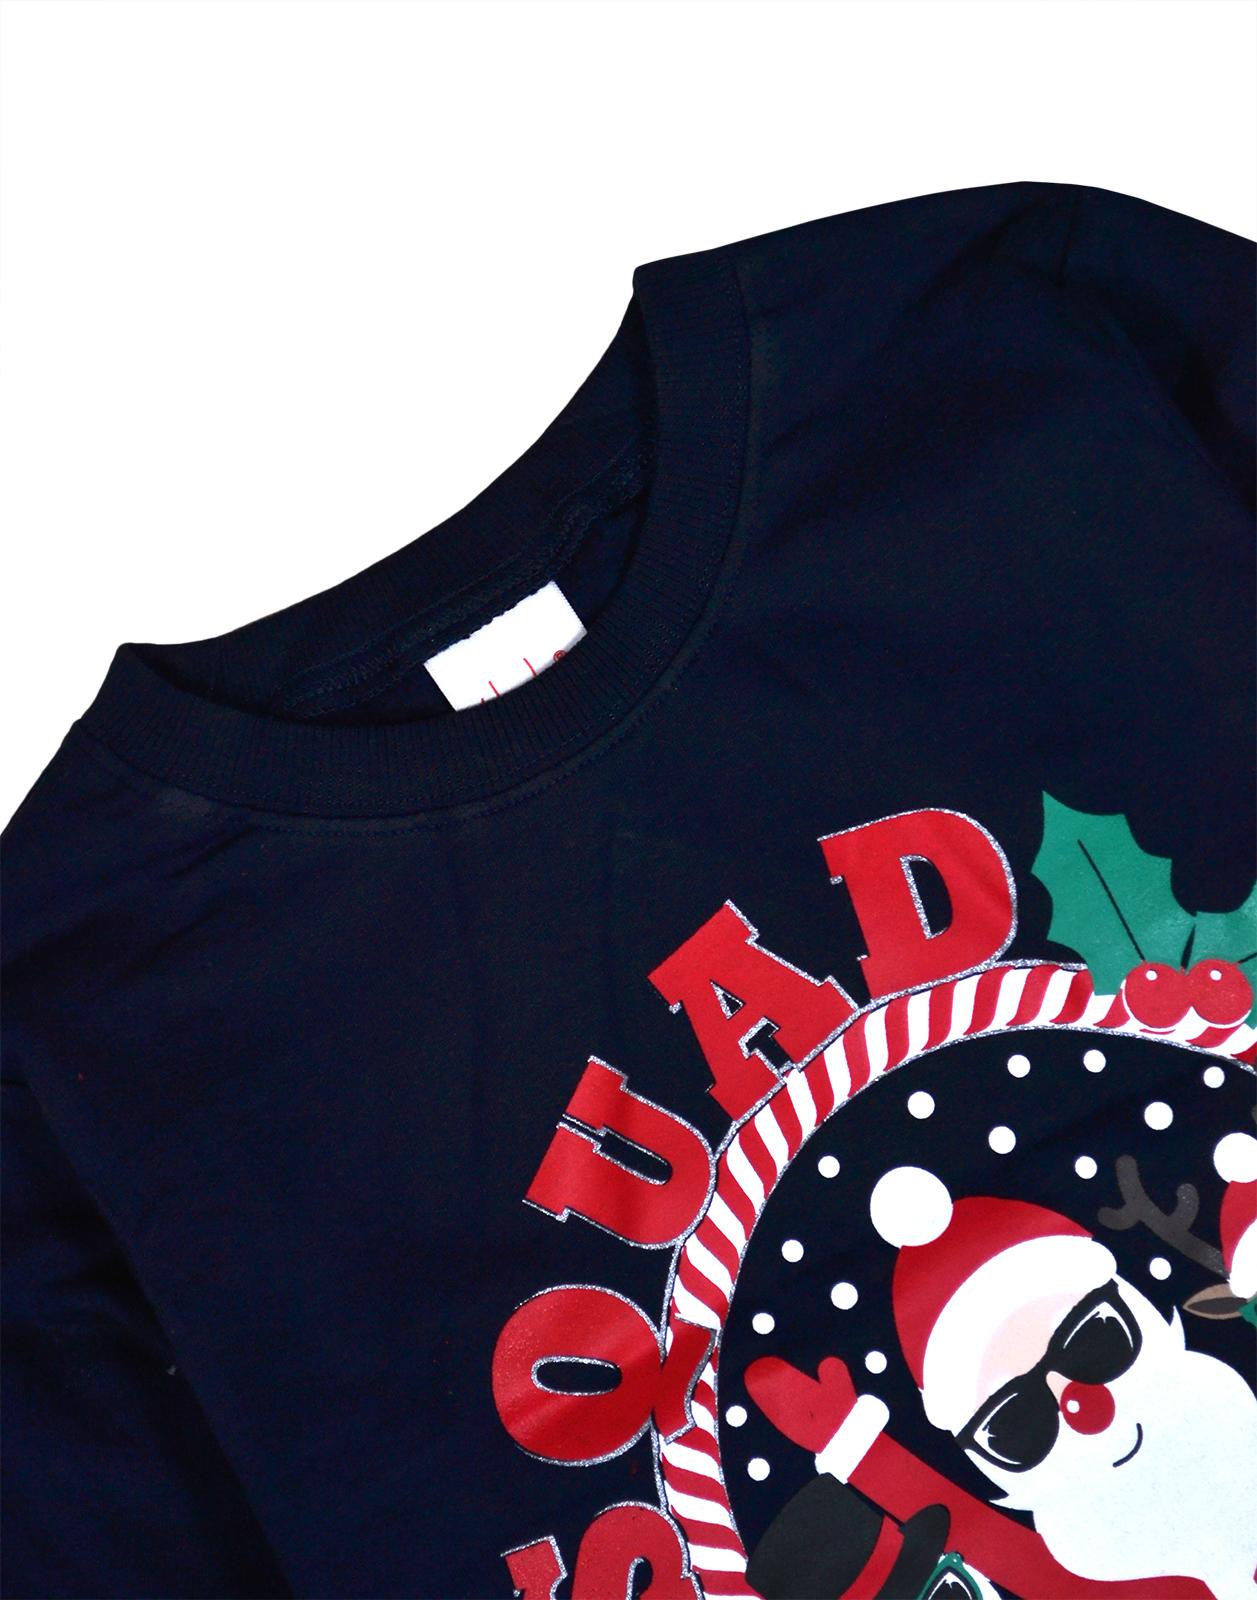 Chicas-chicos-Navidad-Jersey-Top-Sudadera-de-algodon-Kids-Xmas-nuevo-7-13-anos-de-edad miniatura 9